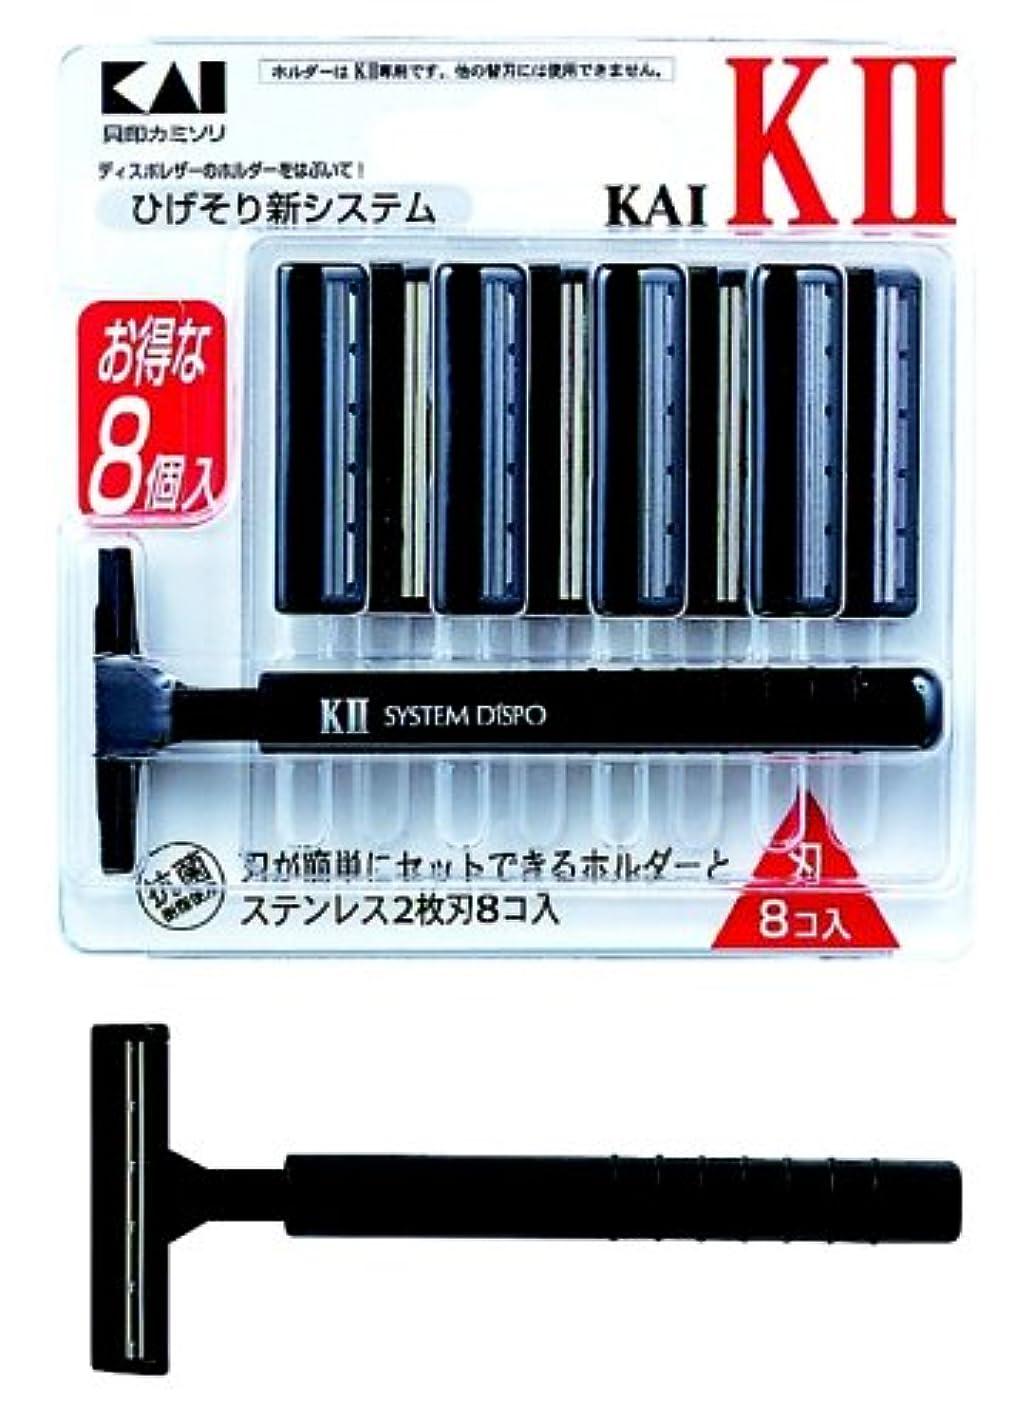 ラブ冷凍庫傾くAI-2 替刃8個付